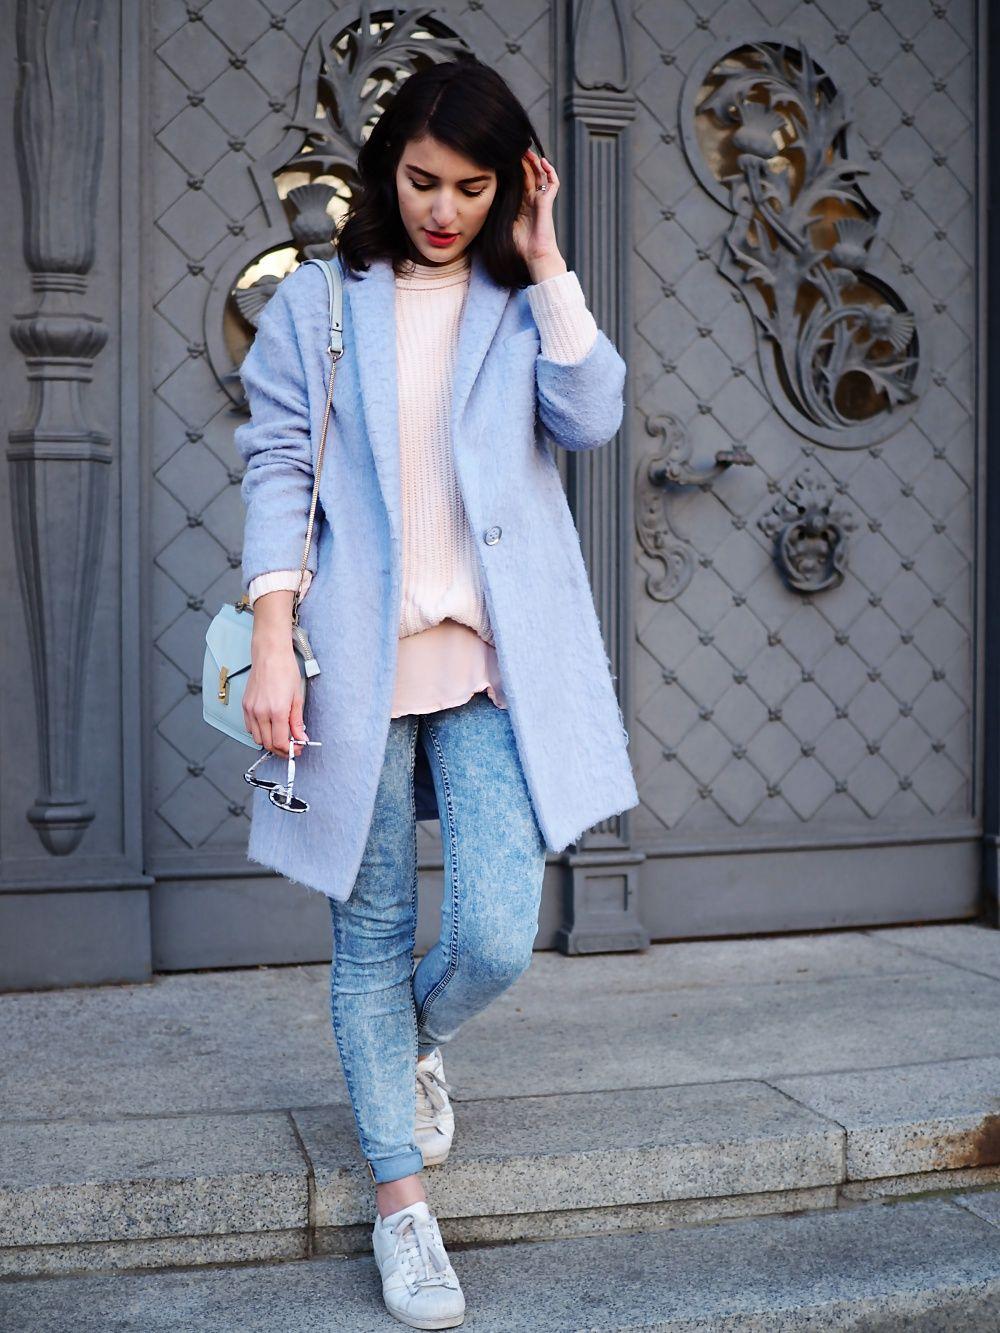 Pastels in Winter | Winter stil, Outfit und Winter straßenstile